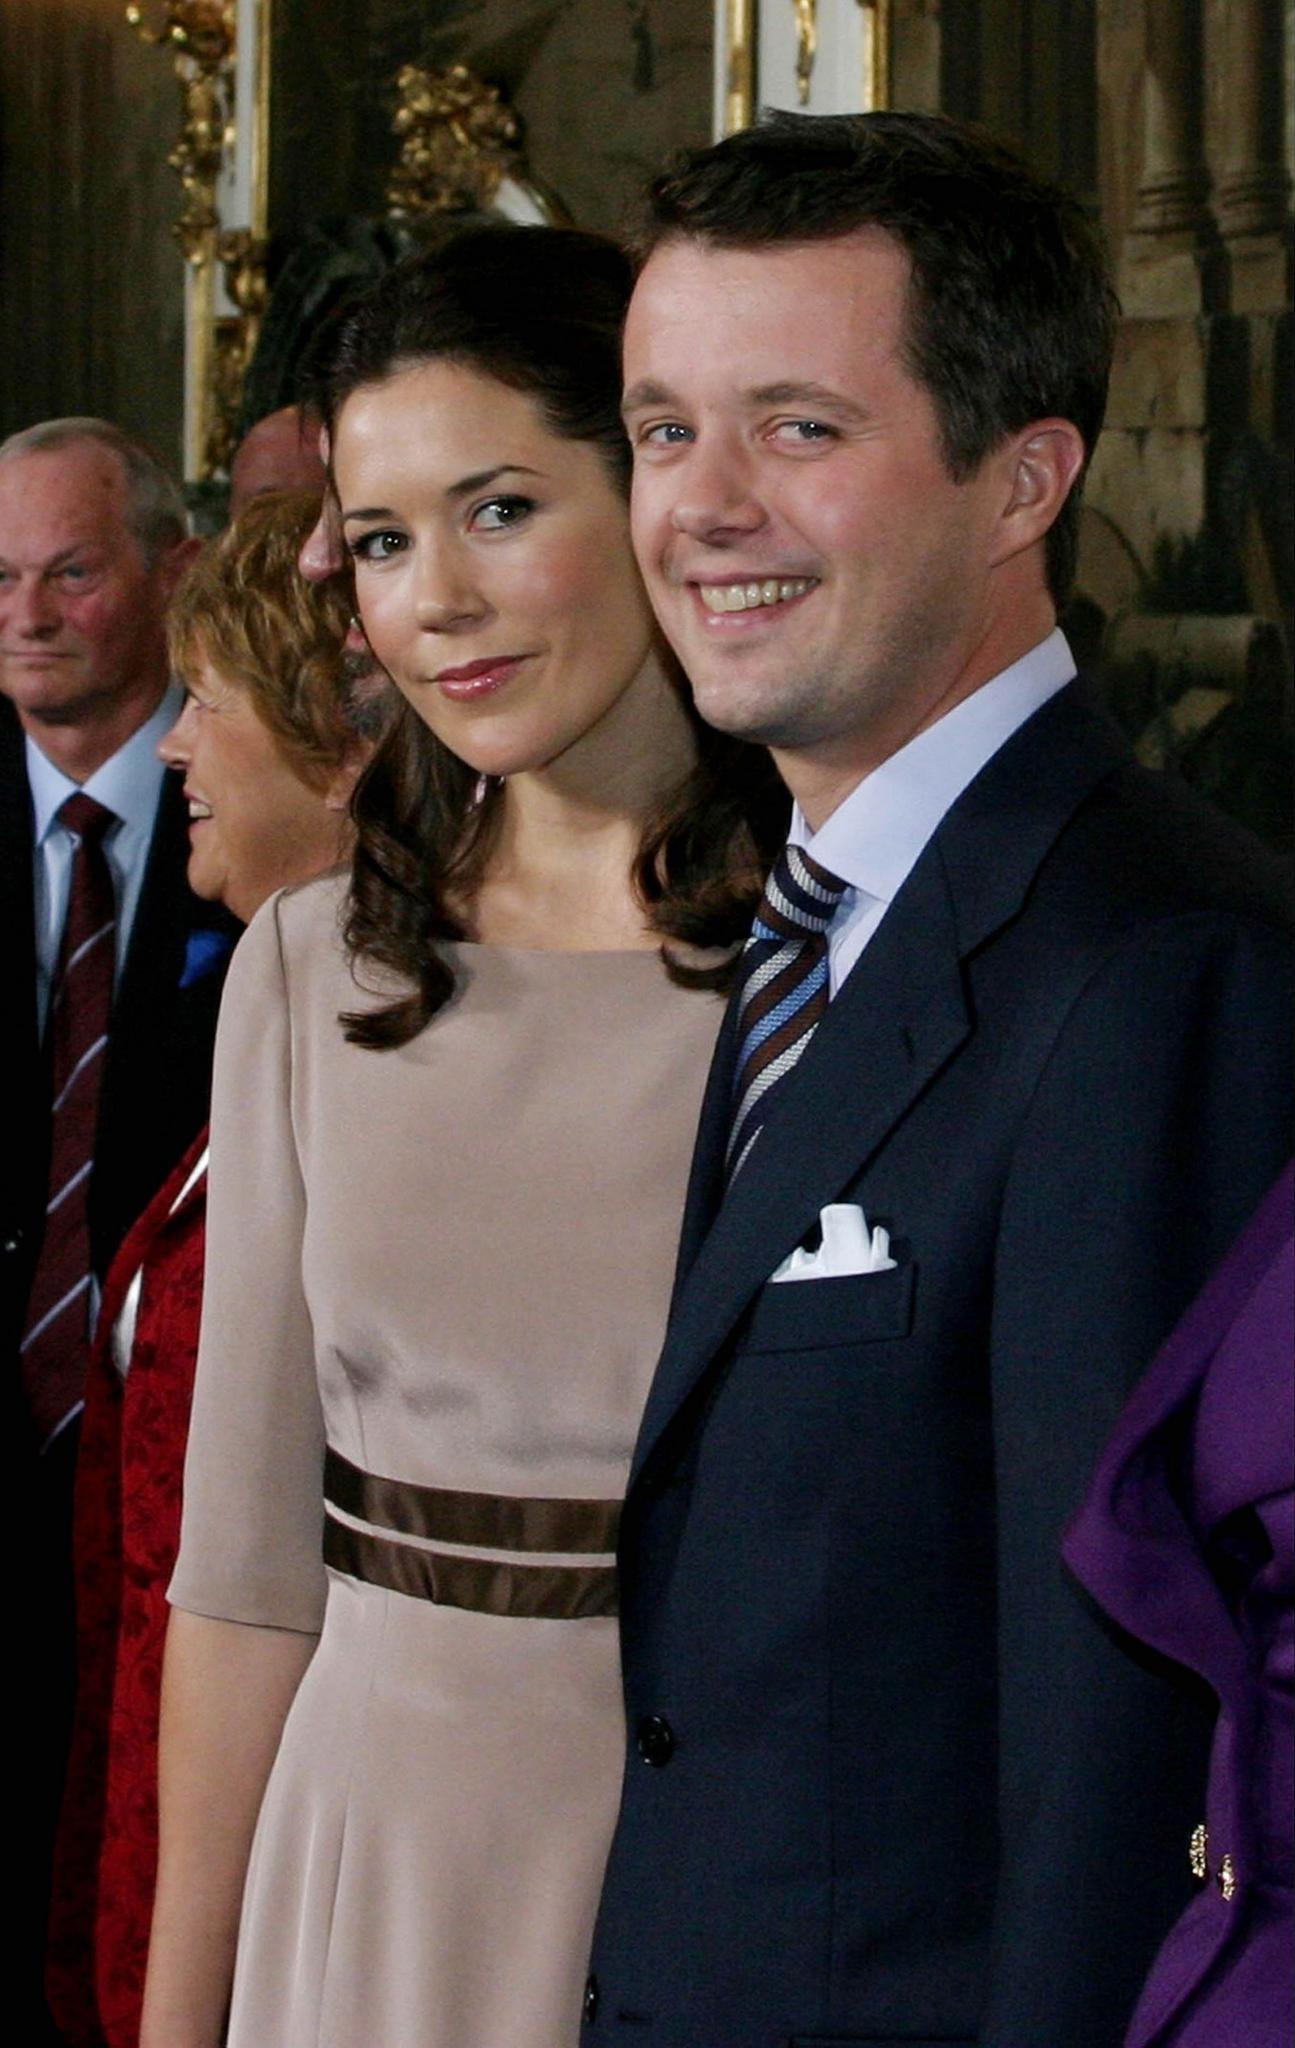 Am Tag, an dem sie ihre Verlobung bekanntgaben, strahlten Mary Donaldson und Prinz Frederik so jugendlich in die Kamera. Es war der 8. Oktober 2003